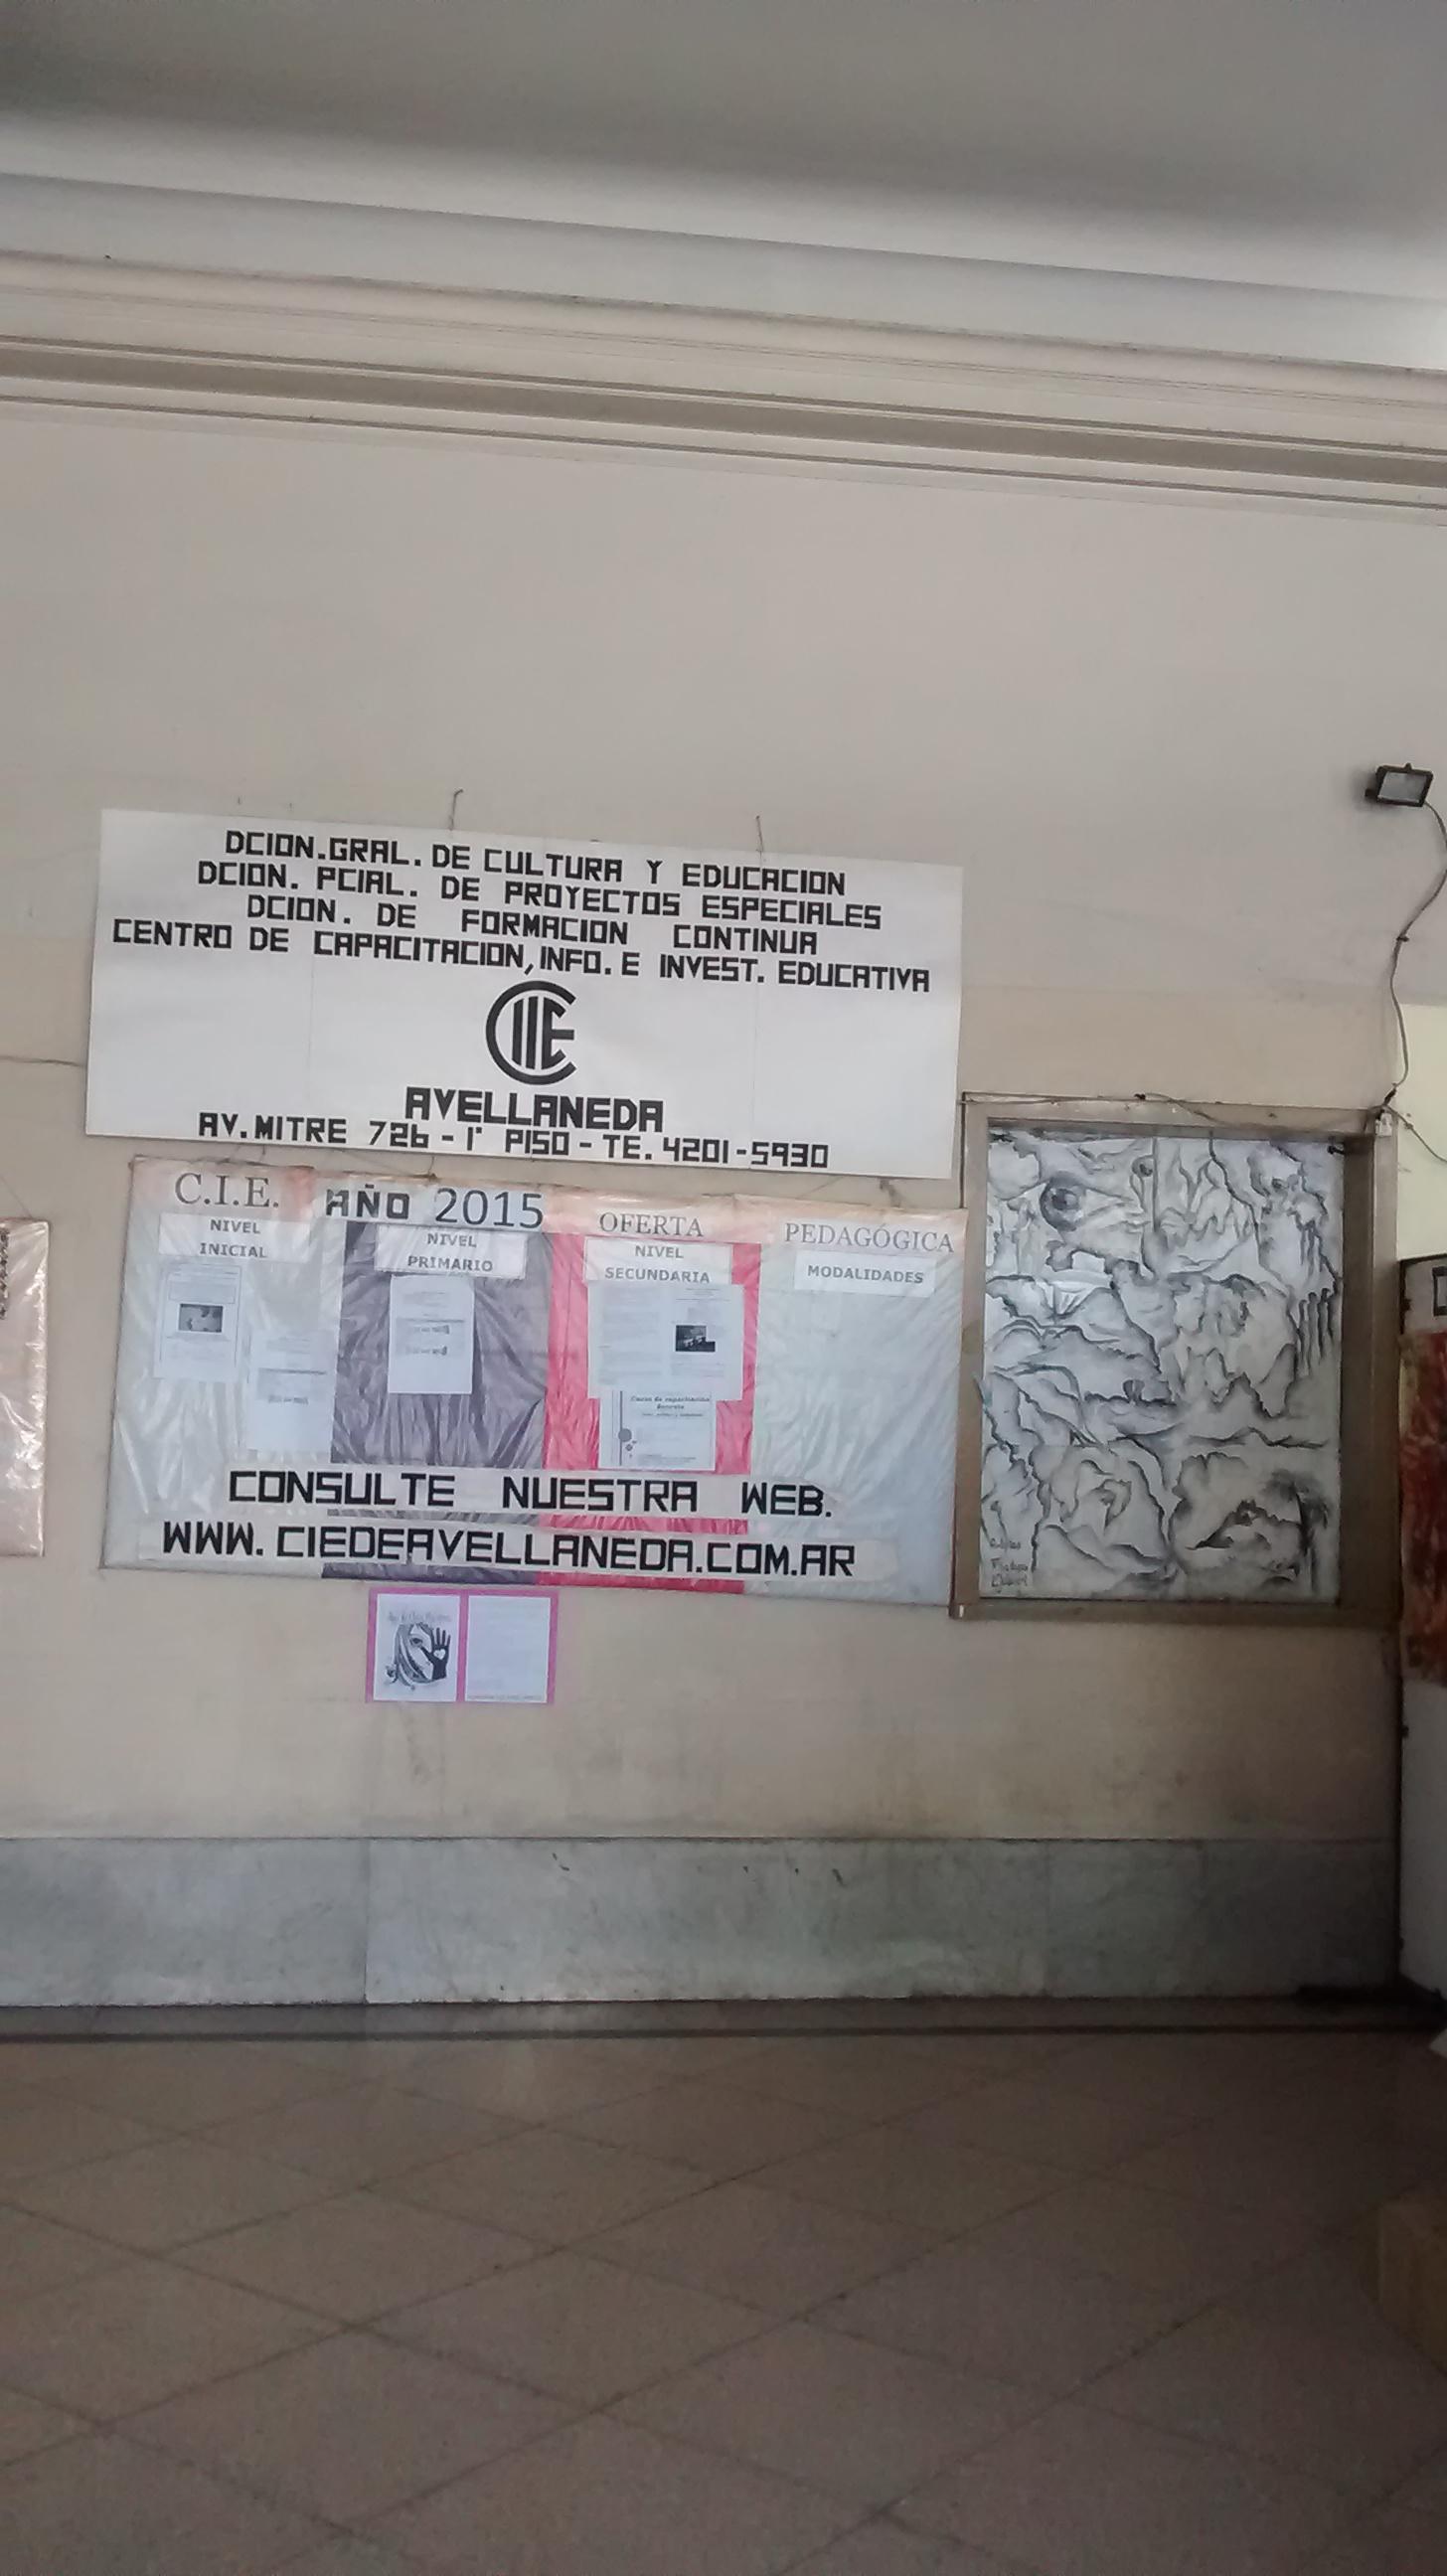 Biblioteca Mariano Moreno - Biblioteca Pedagógica Mariano Moreno